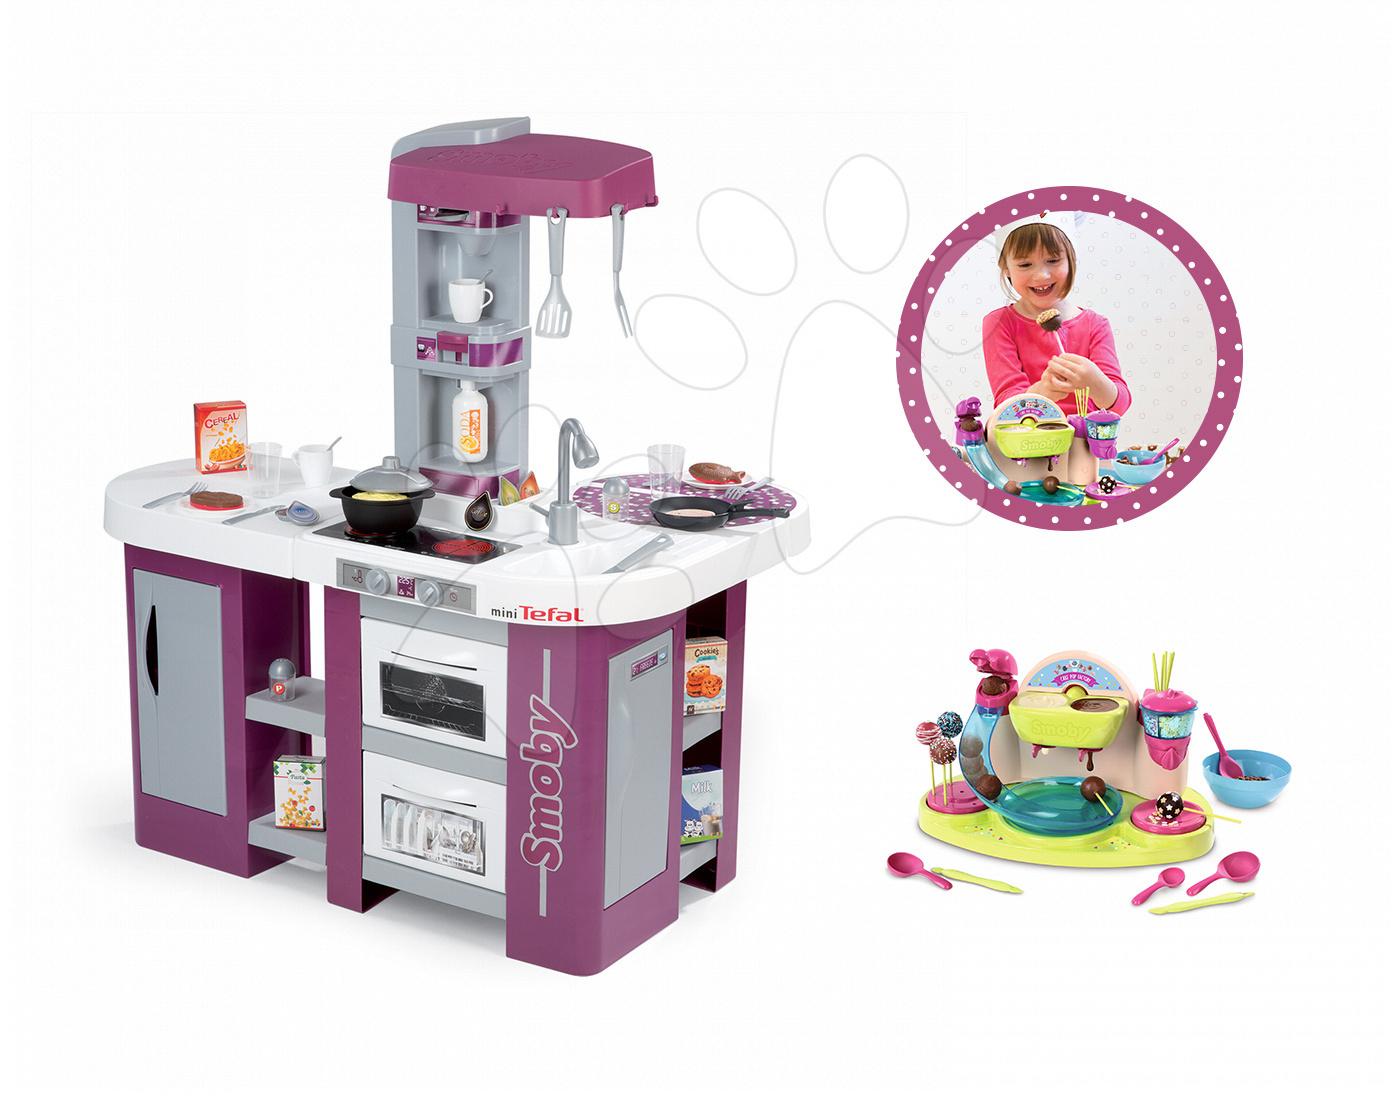 Set kuchyňka pro děti Tefal Studio XL Smoby s myčkou nádobí a lednicí a dotyková elektronická pokladna